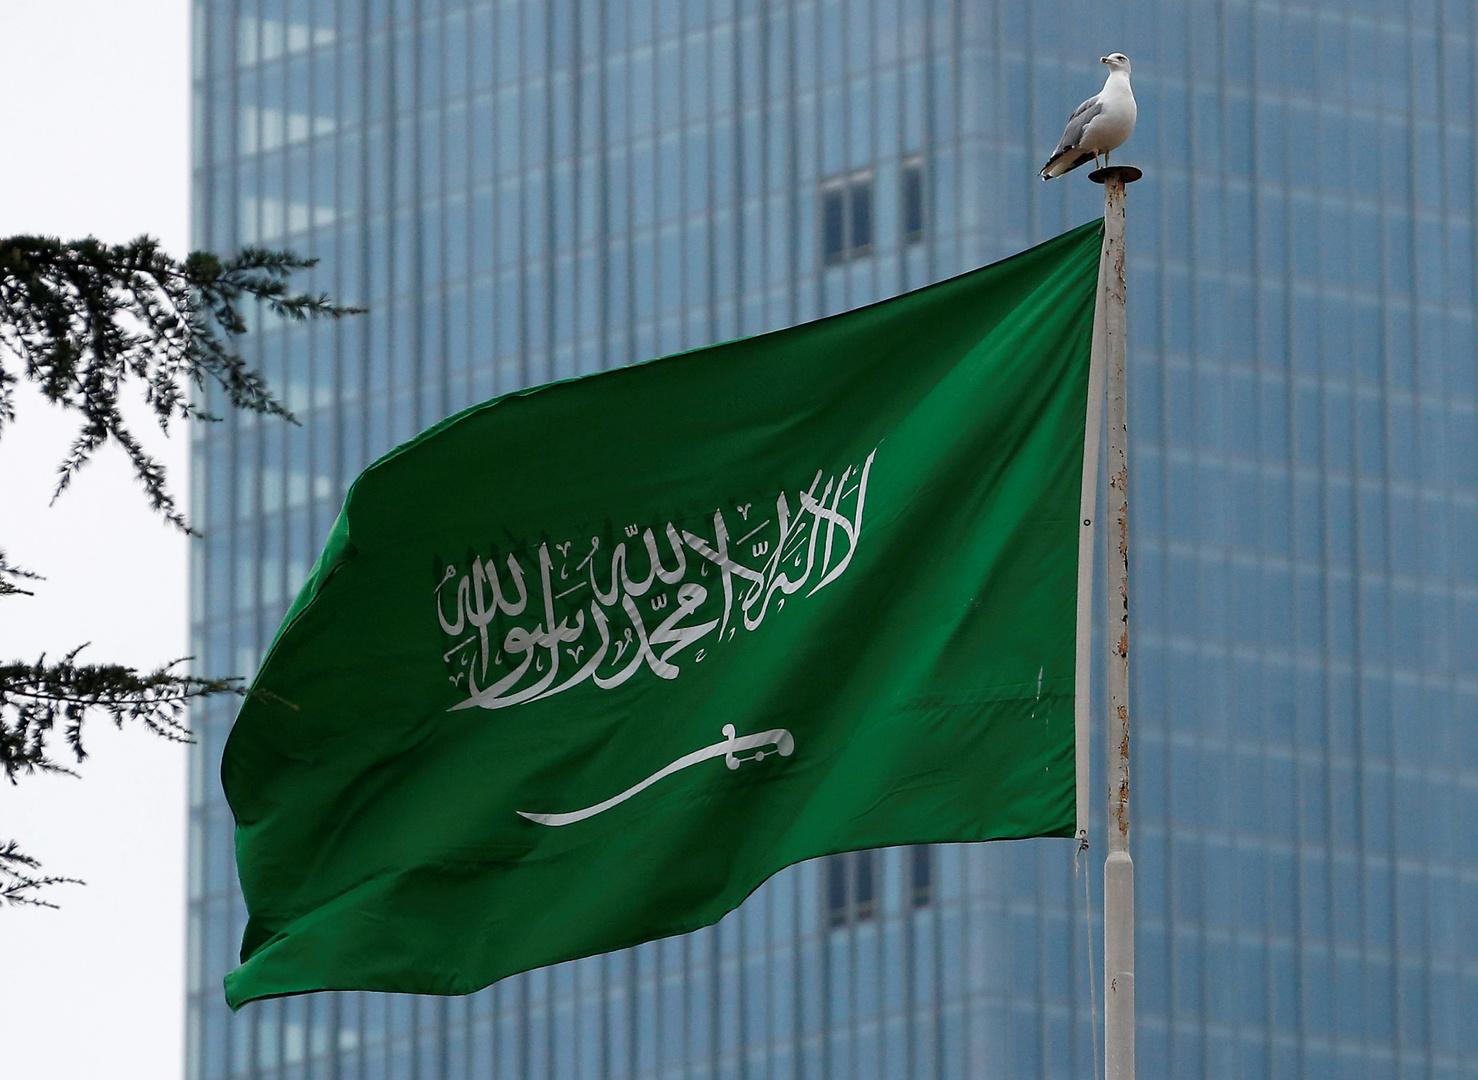 السعودية تحبط تهريب أكثر من 4.5 مليون قرص كبتاغون في شحنة برتقال (صور)